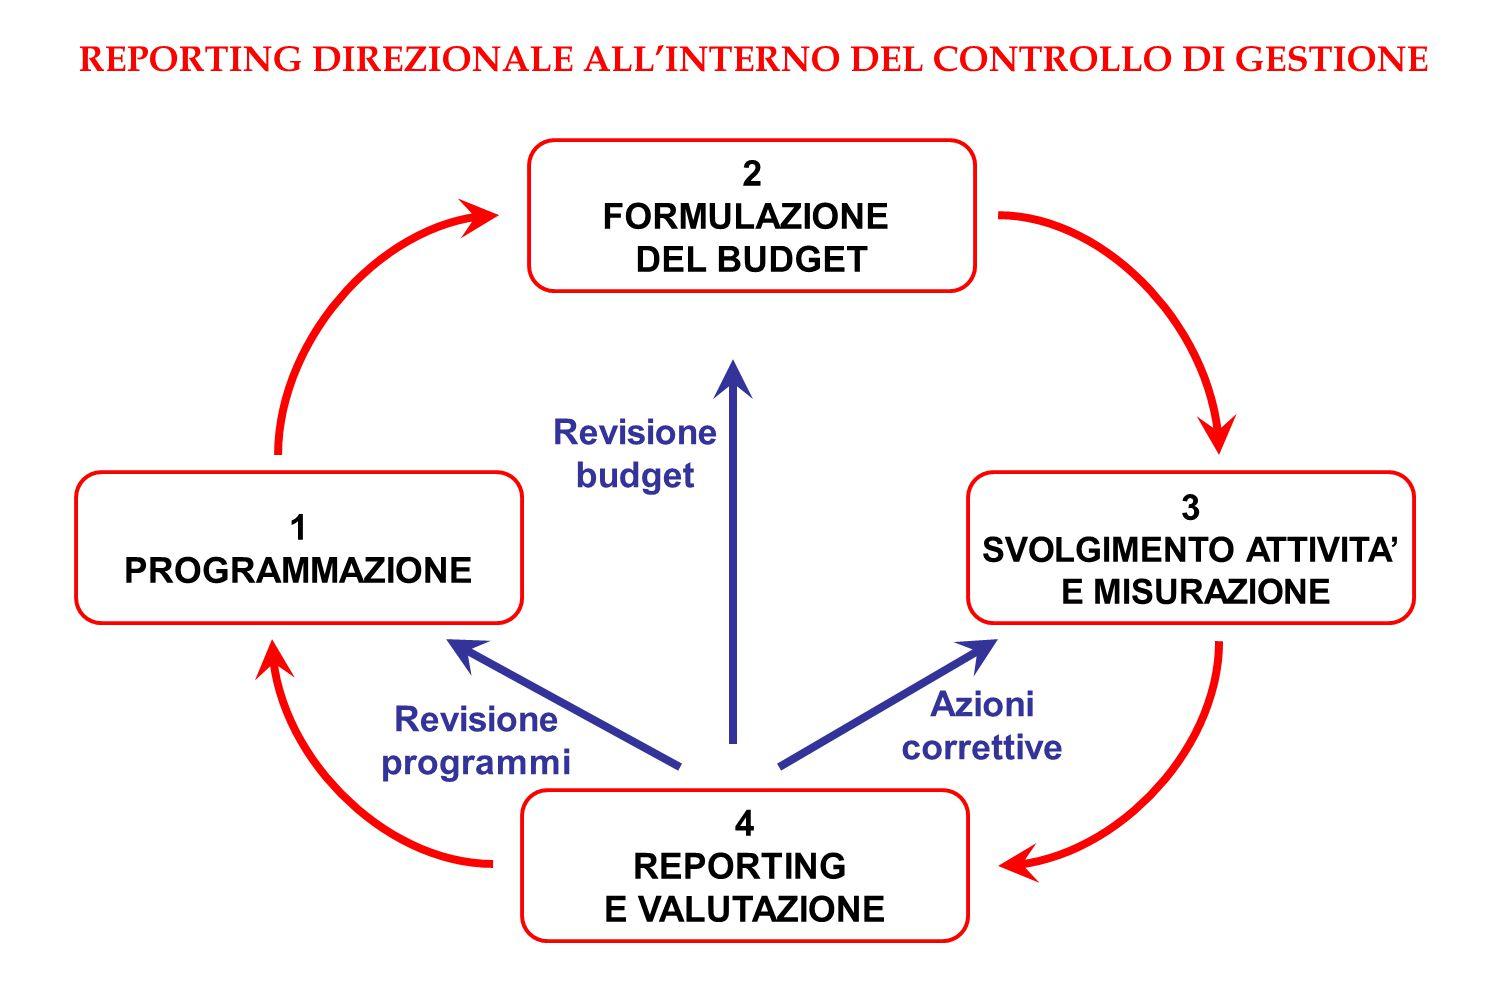 REPORTING DIREZIONALE ALL'INTERNO DEL CONTROLLO DI GESTIONE 1 PROGRAMMAZIONE 4 REPORTING E VALUTAZIONE 3 SVOLGIMENTO ATTIVITA' E MISURAZIONE 2 FORMULAZIONE DEL BUDGET Revisione programmi Revisione budget Azioni correttive